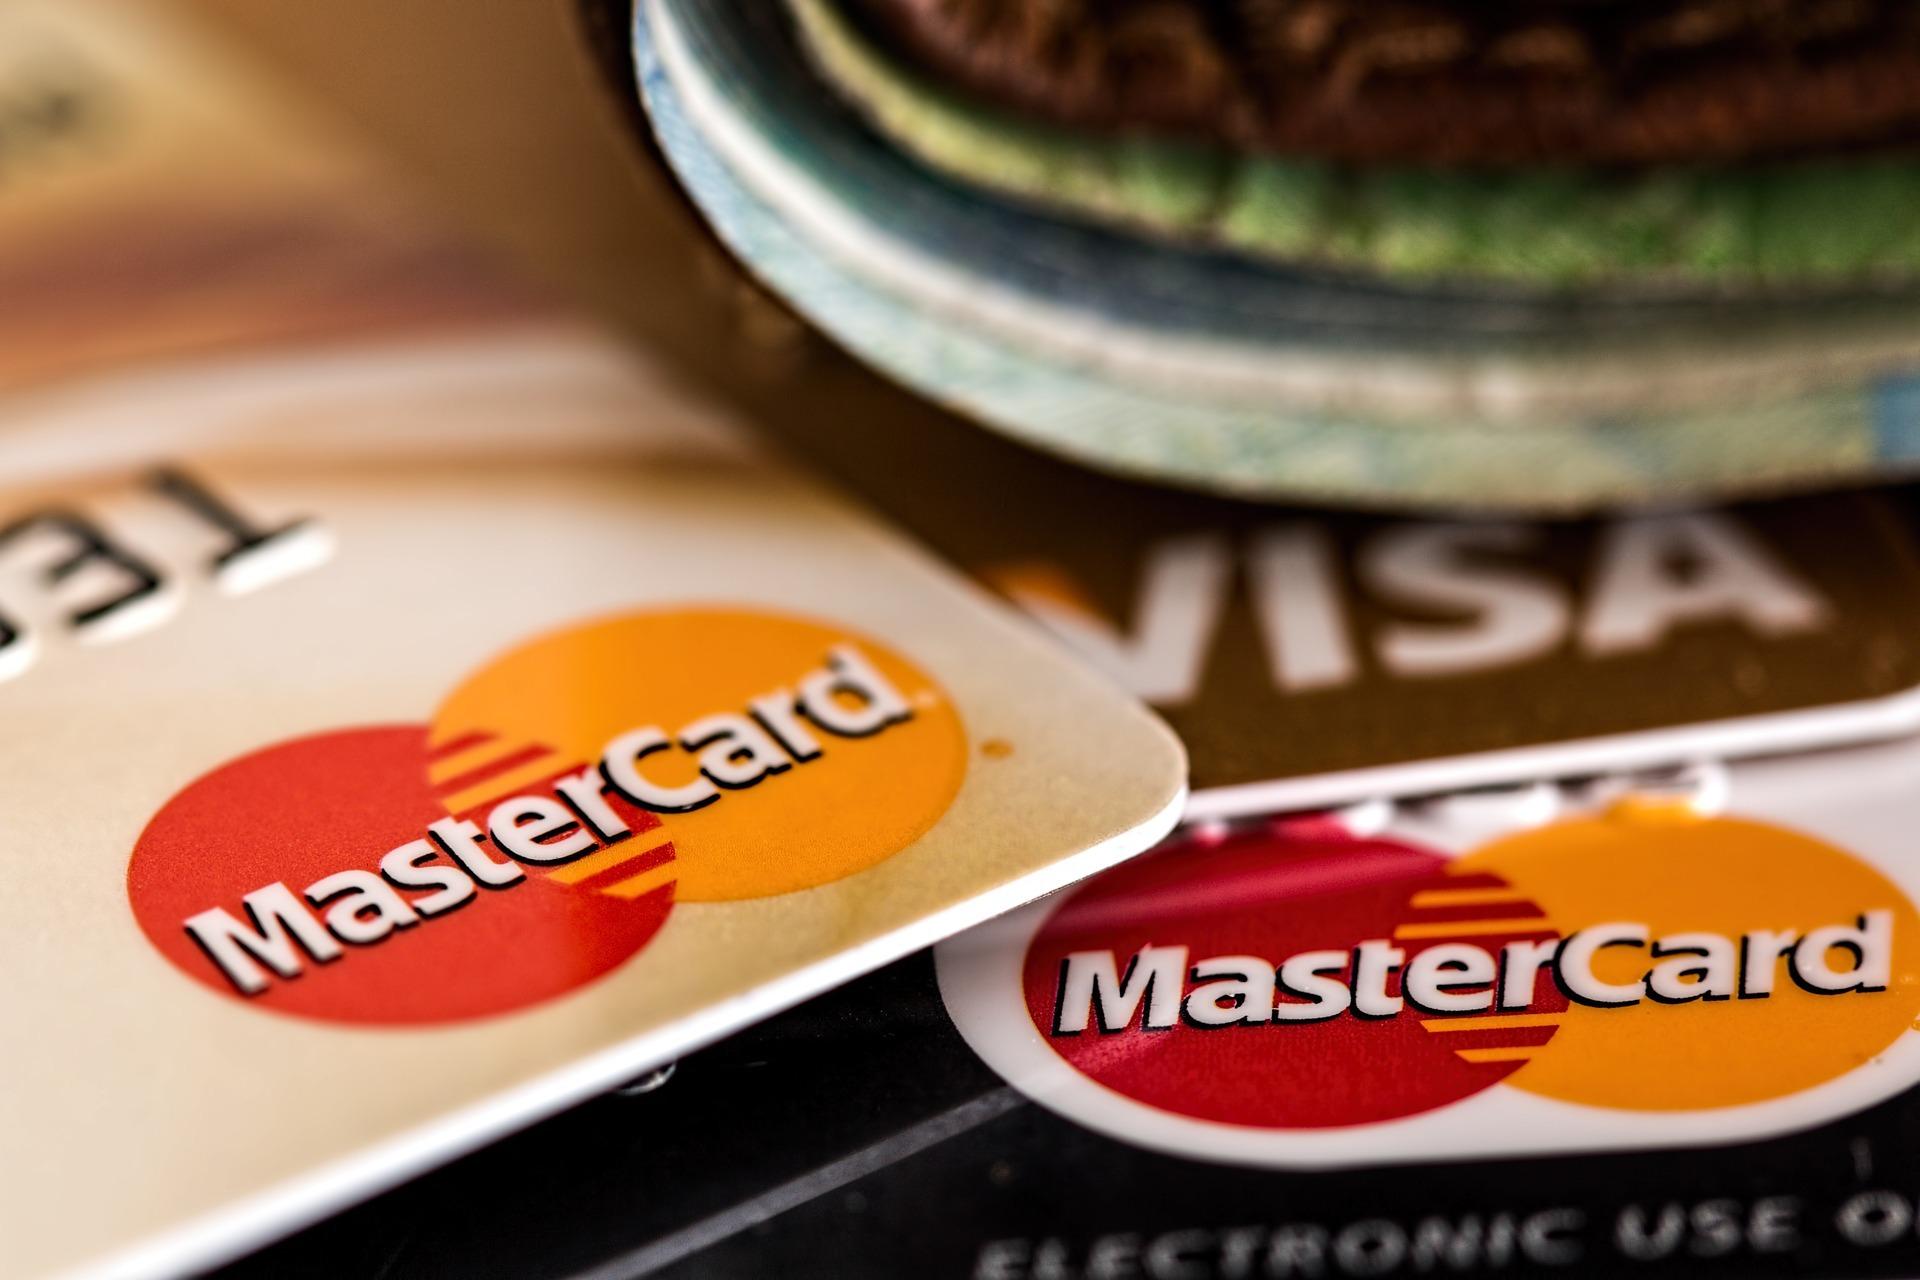 Die Nachfrage an Konsumkrediten ging um 17 Prozent zurück.